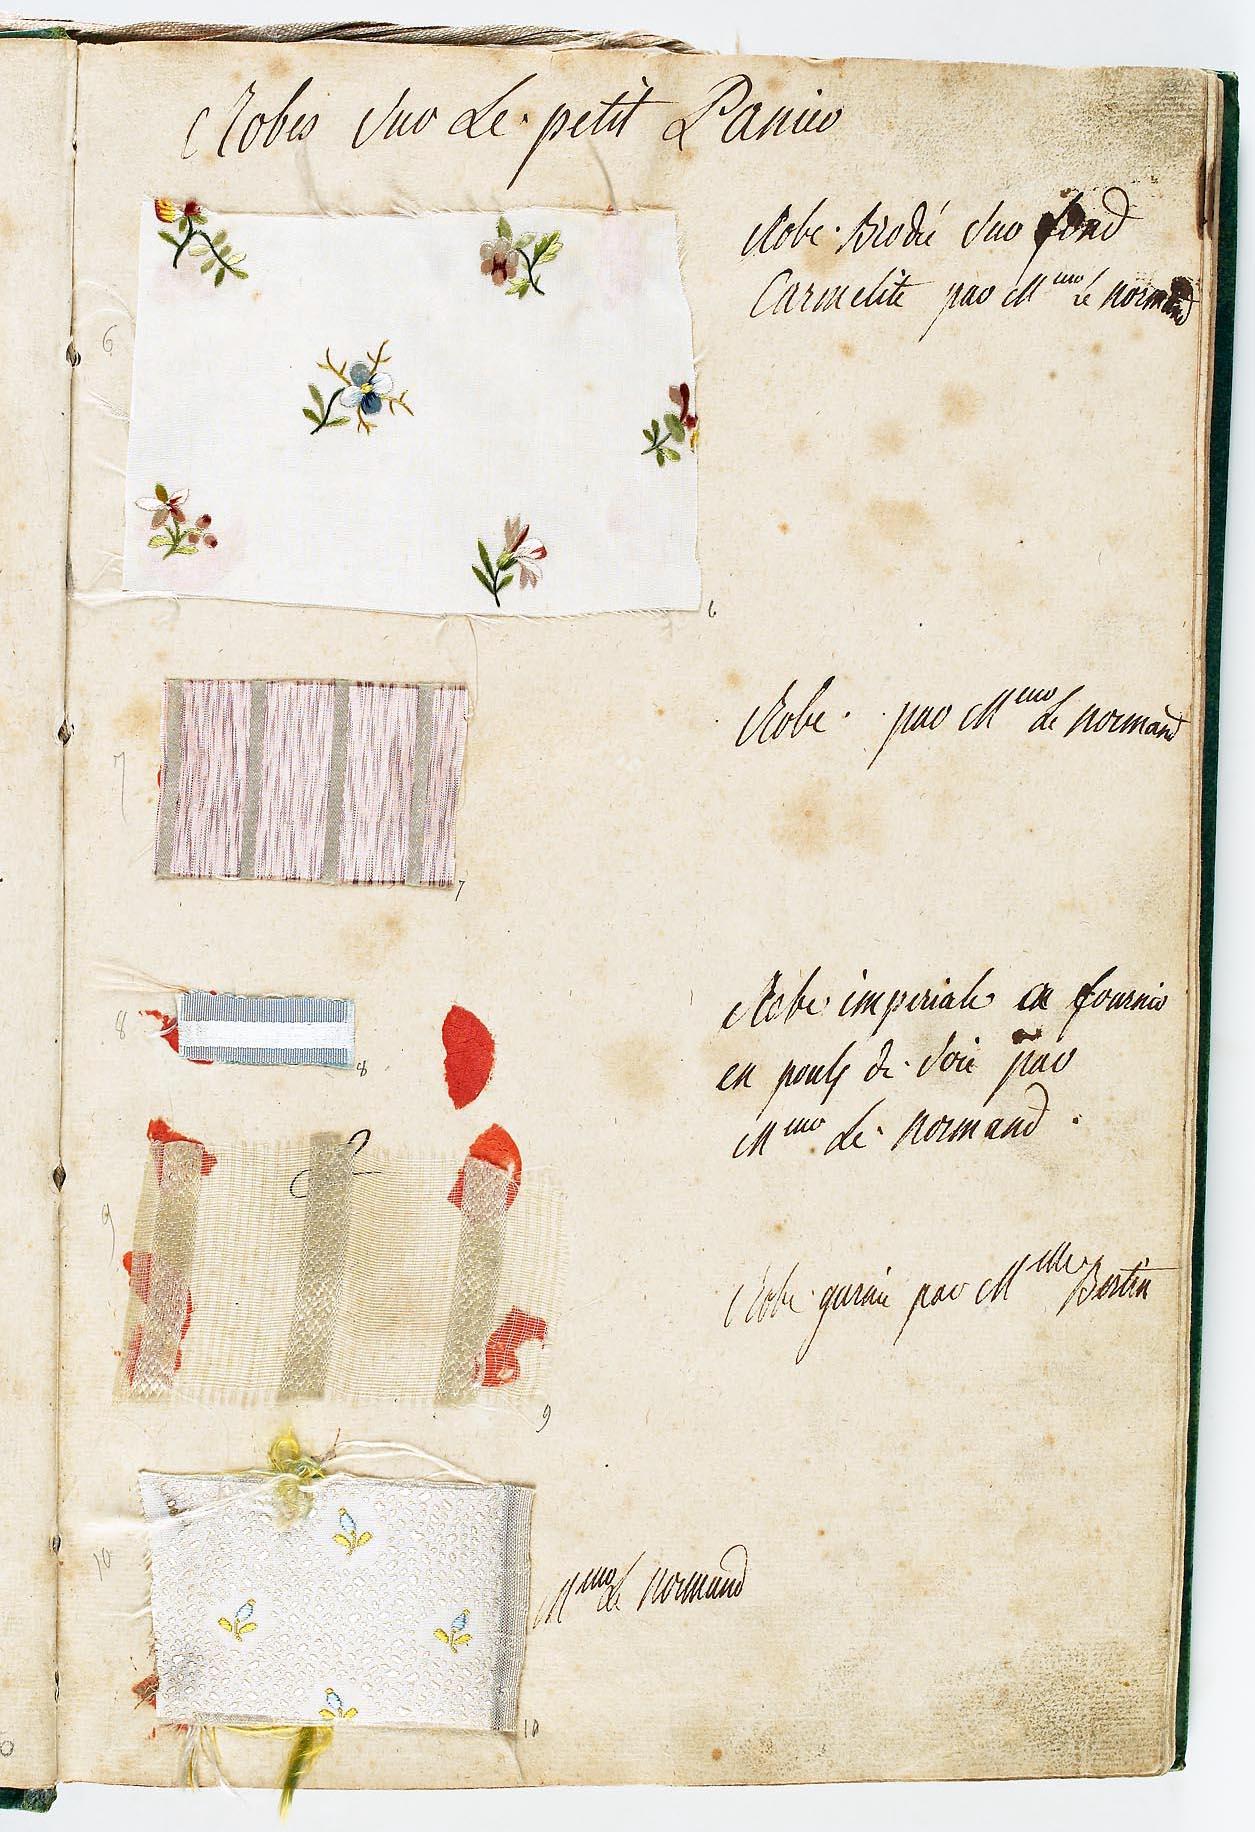 Fichier:Gazette des atours de Marie-Antoinette 4 sur 43 - Archives  Nationales - AE-I-6 n°2.jpg — Wikipédia